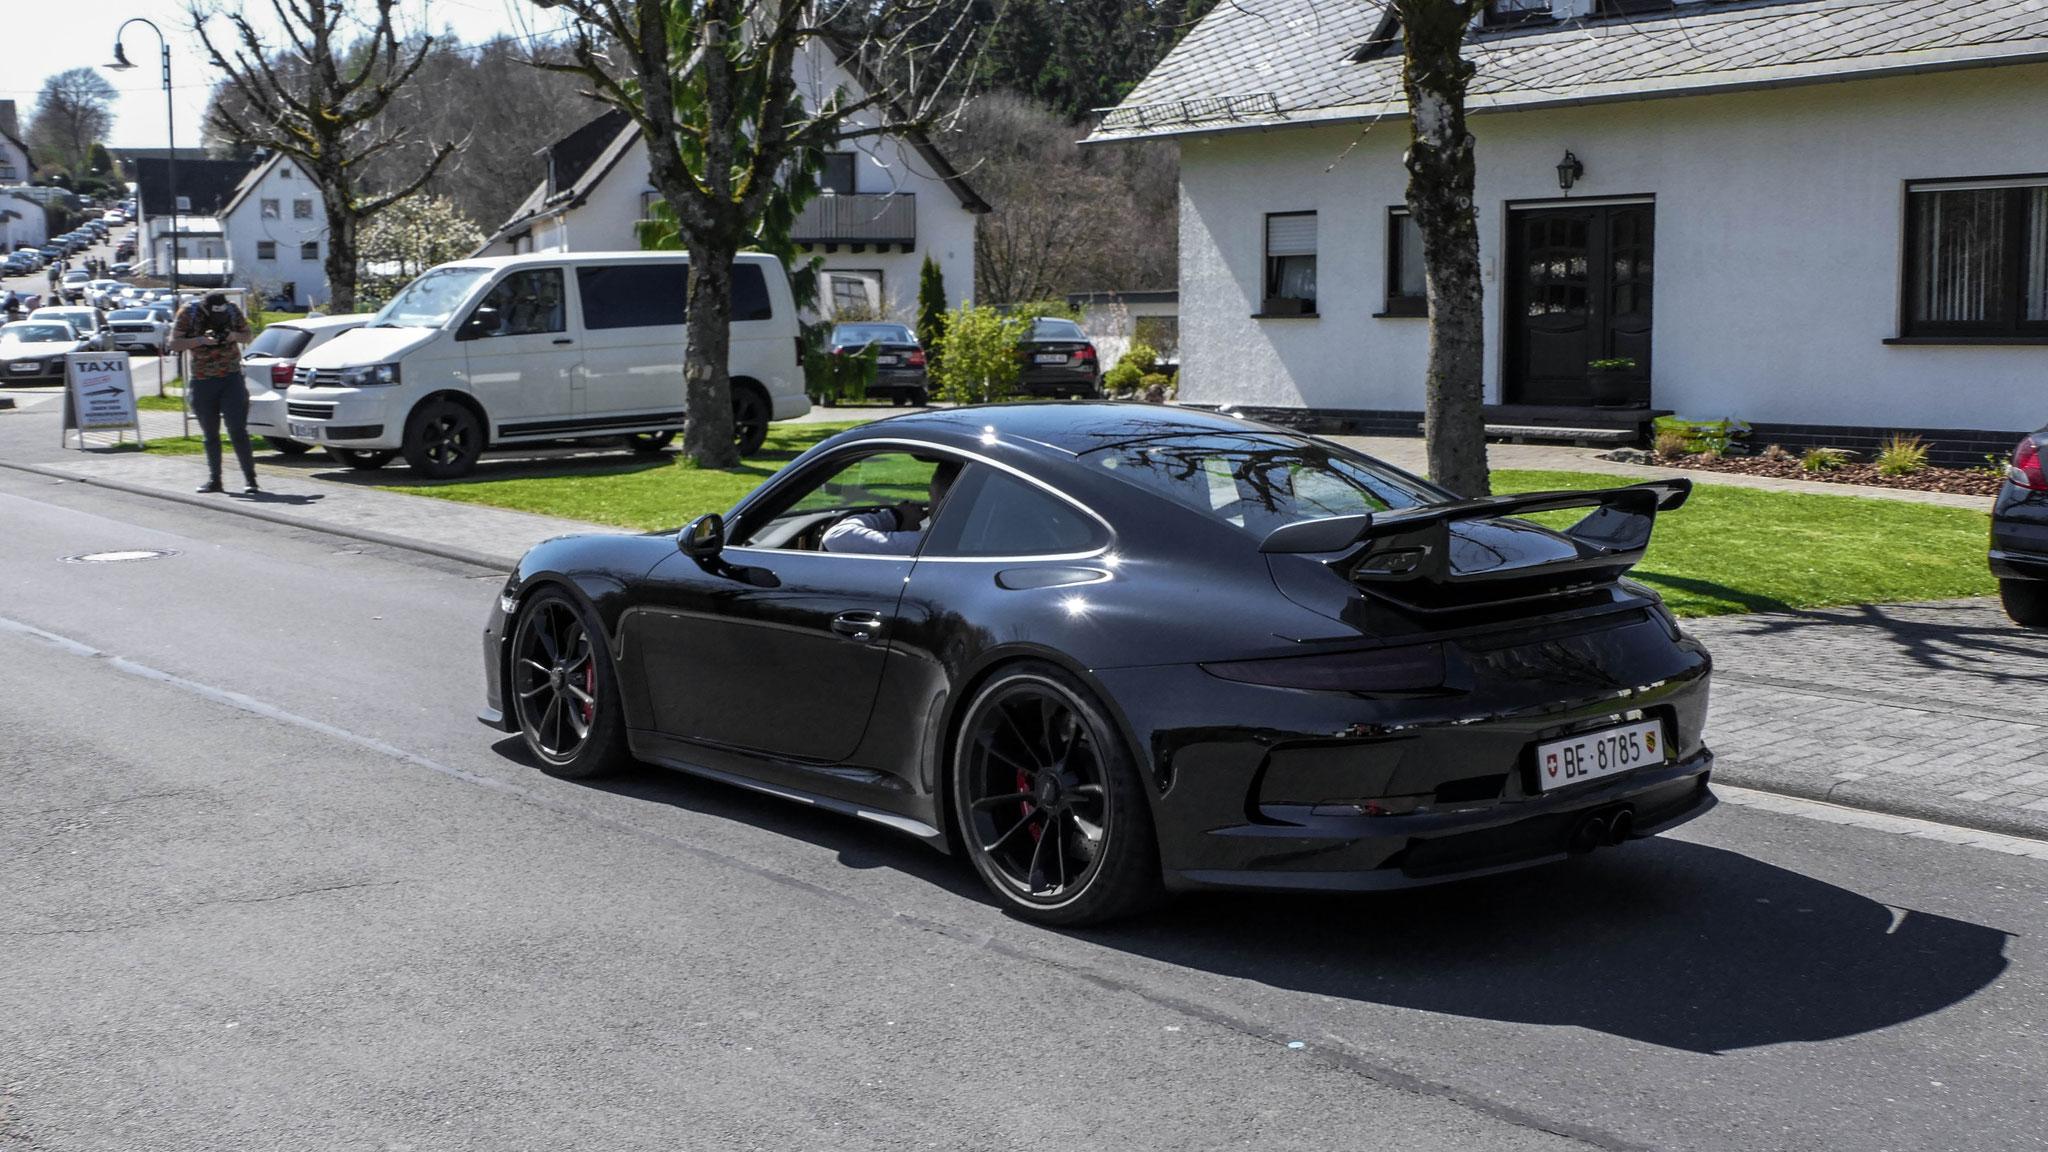 Porsche 991 GT3 - BE-8785 (CH)